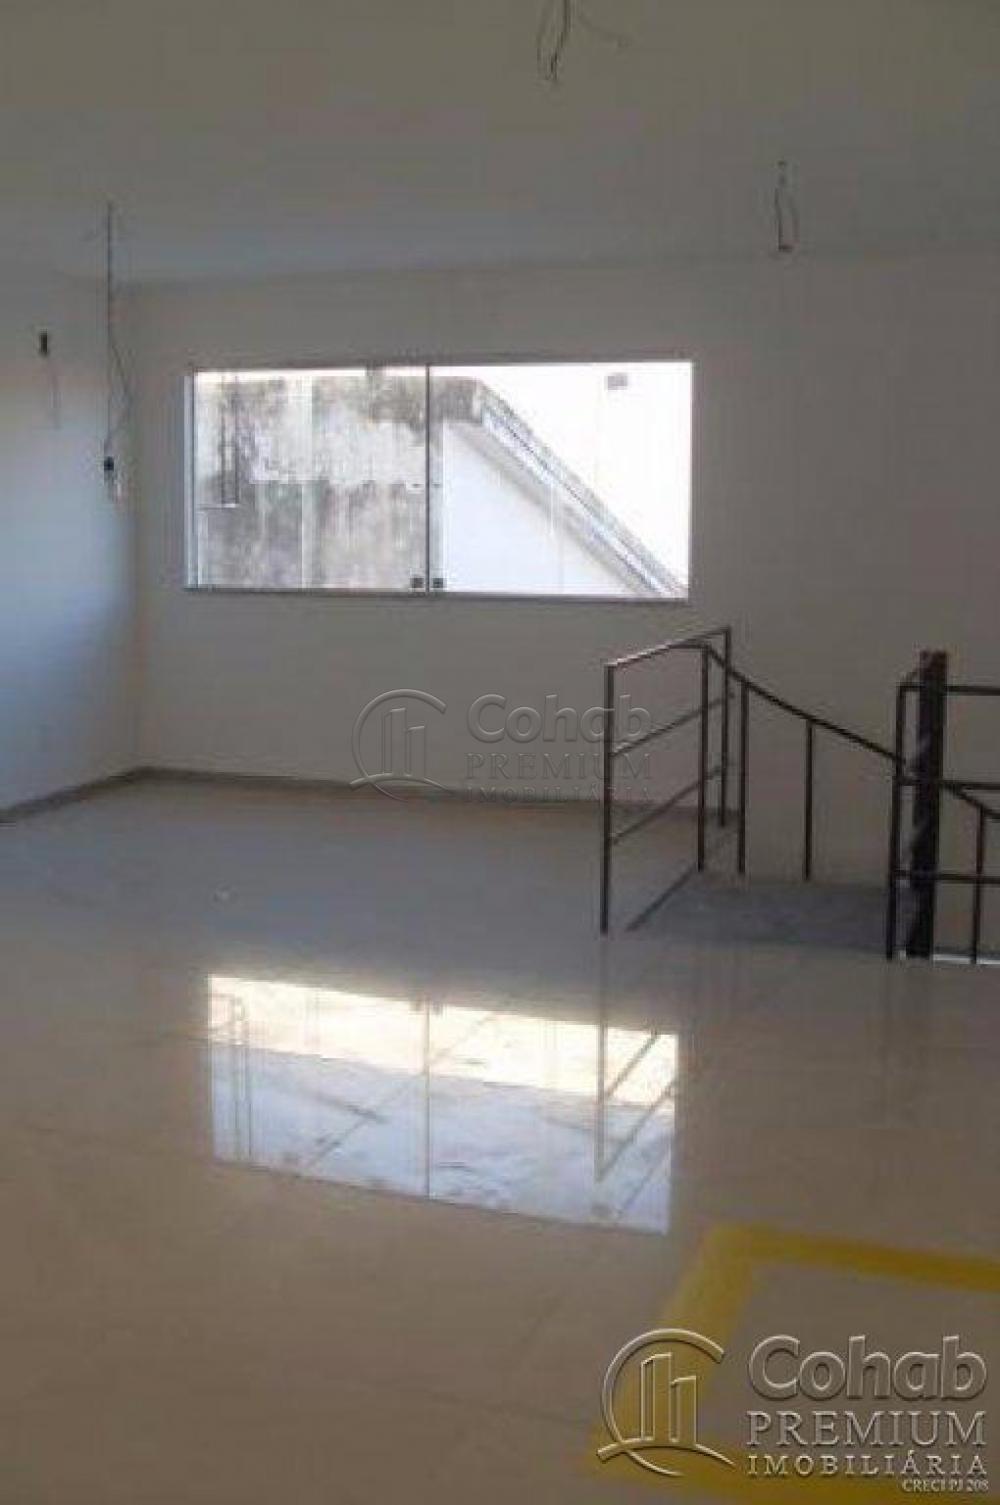 Alugar Comercial / Ponto Comercial em Aracaju apenas R$ 4.000,00 - Foto 5